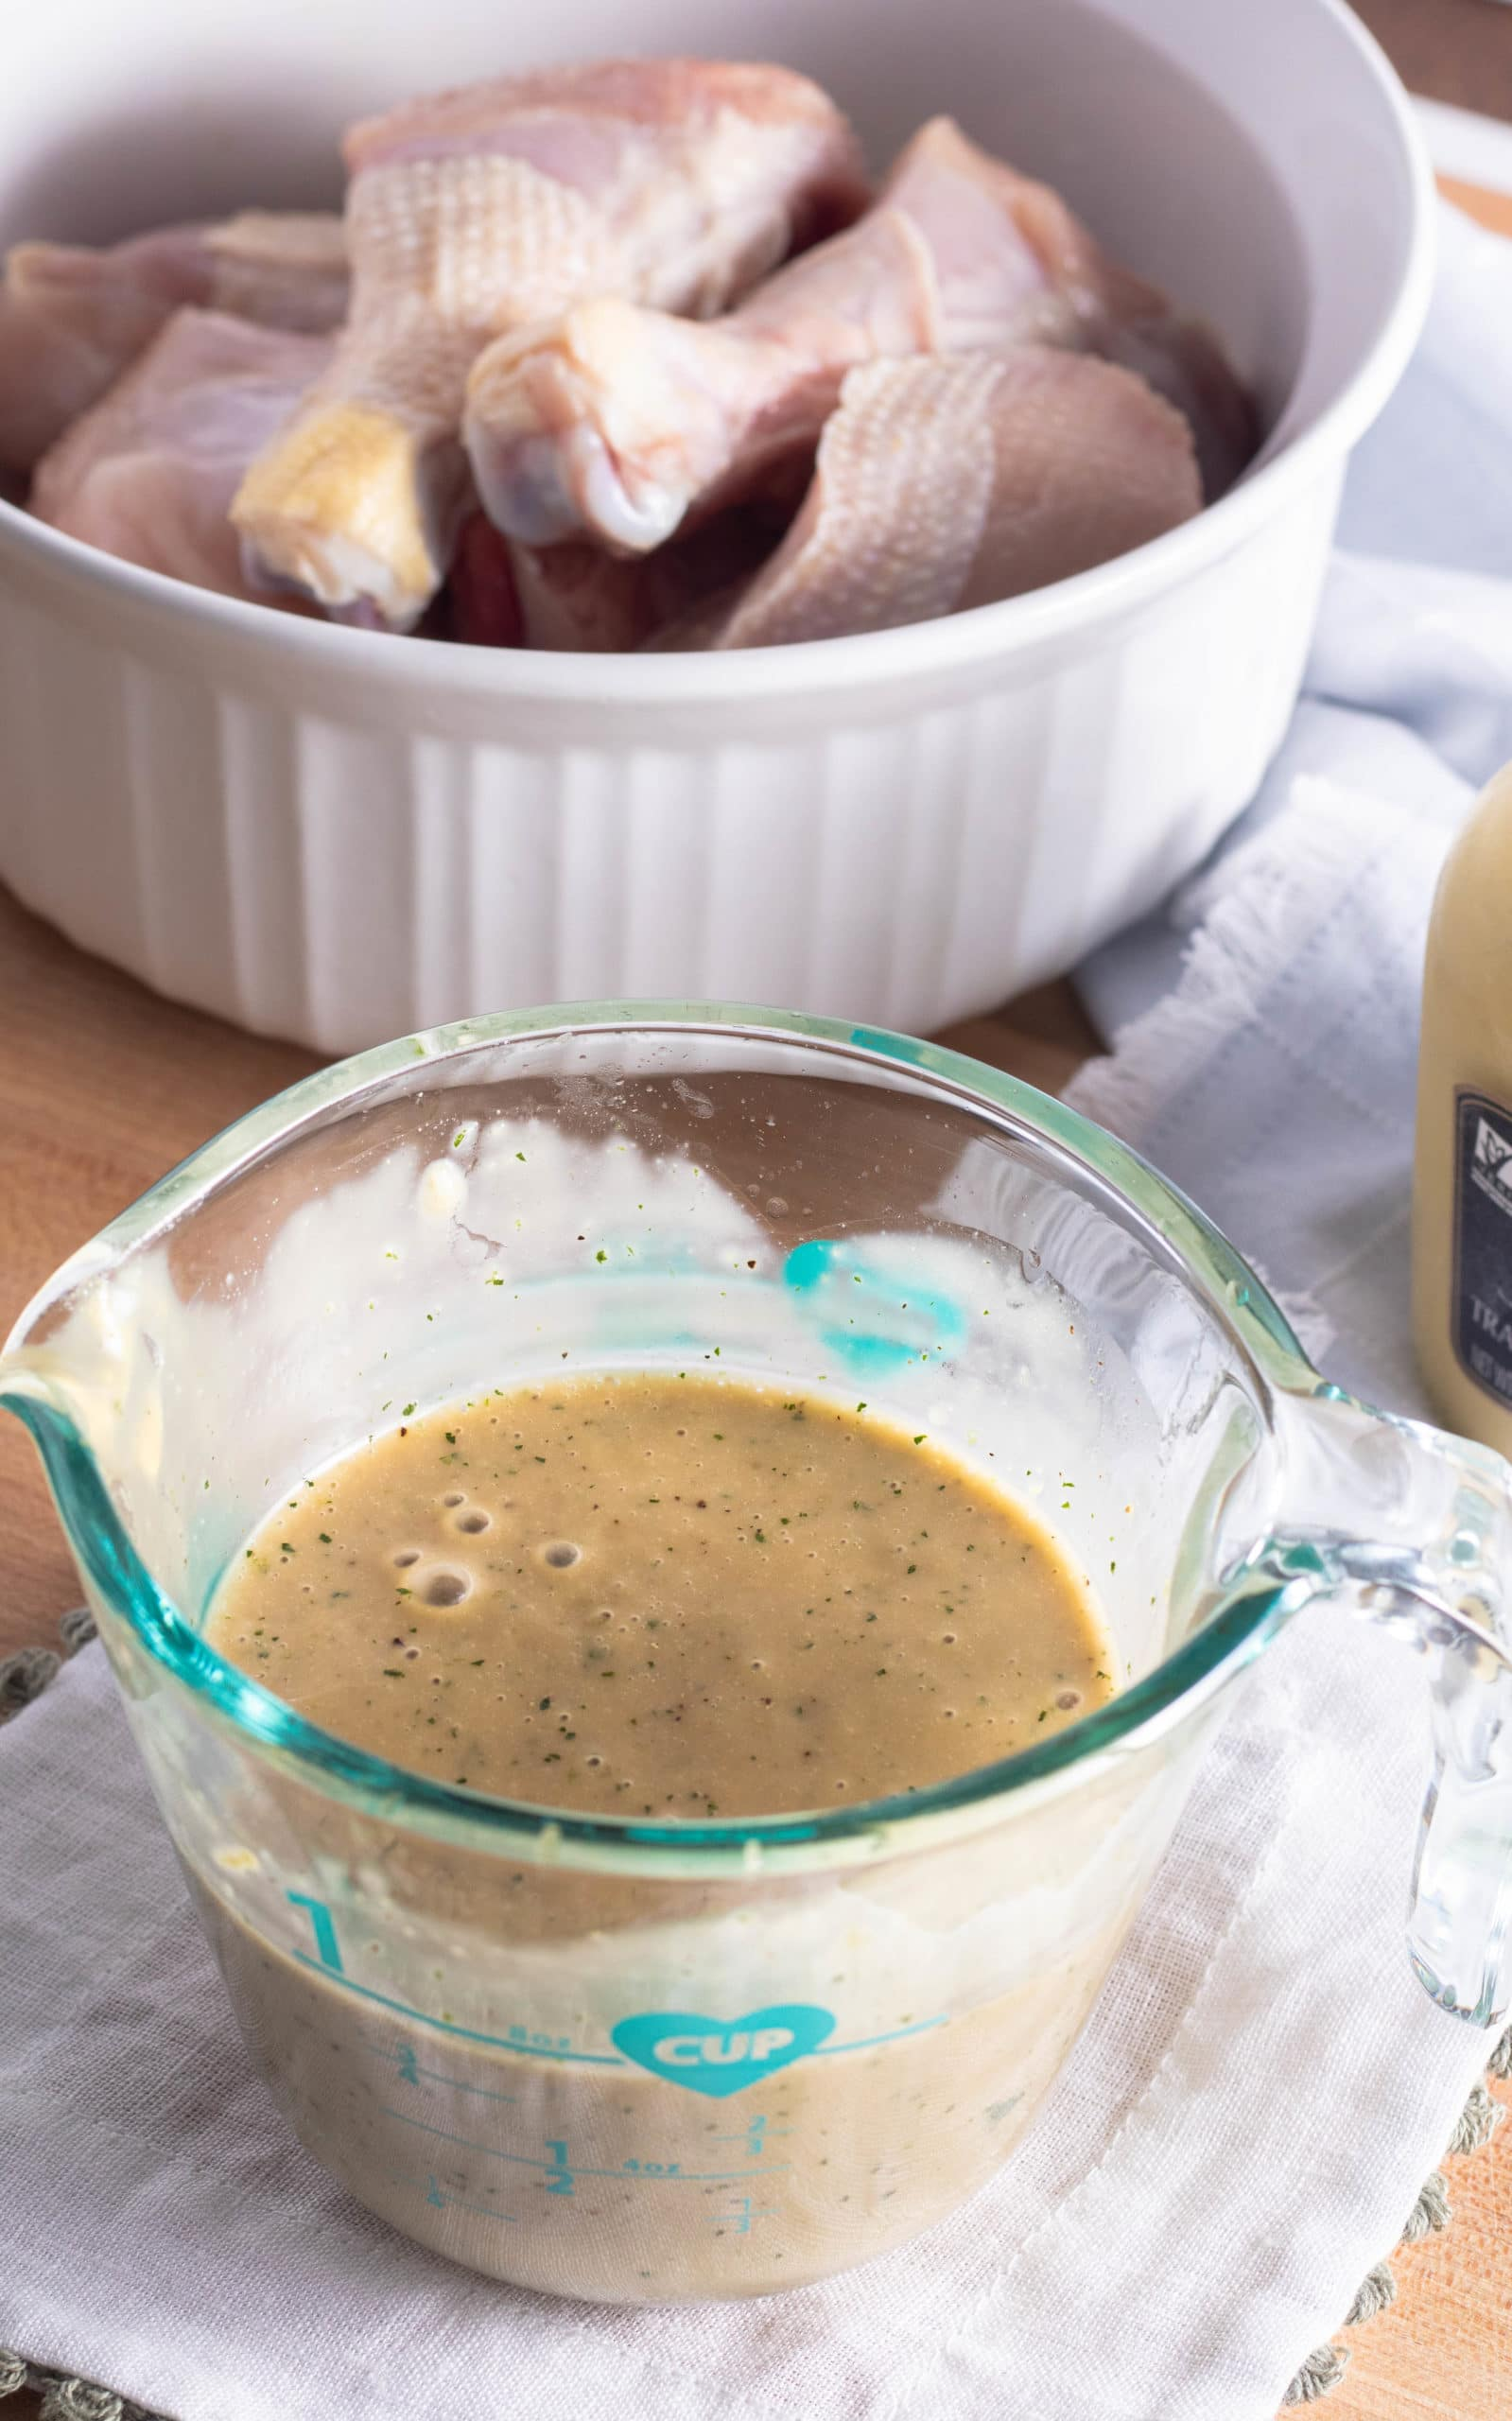 Dijon vinaigrette marinade for chicken.